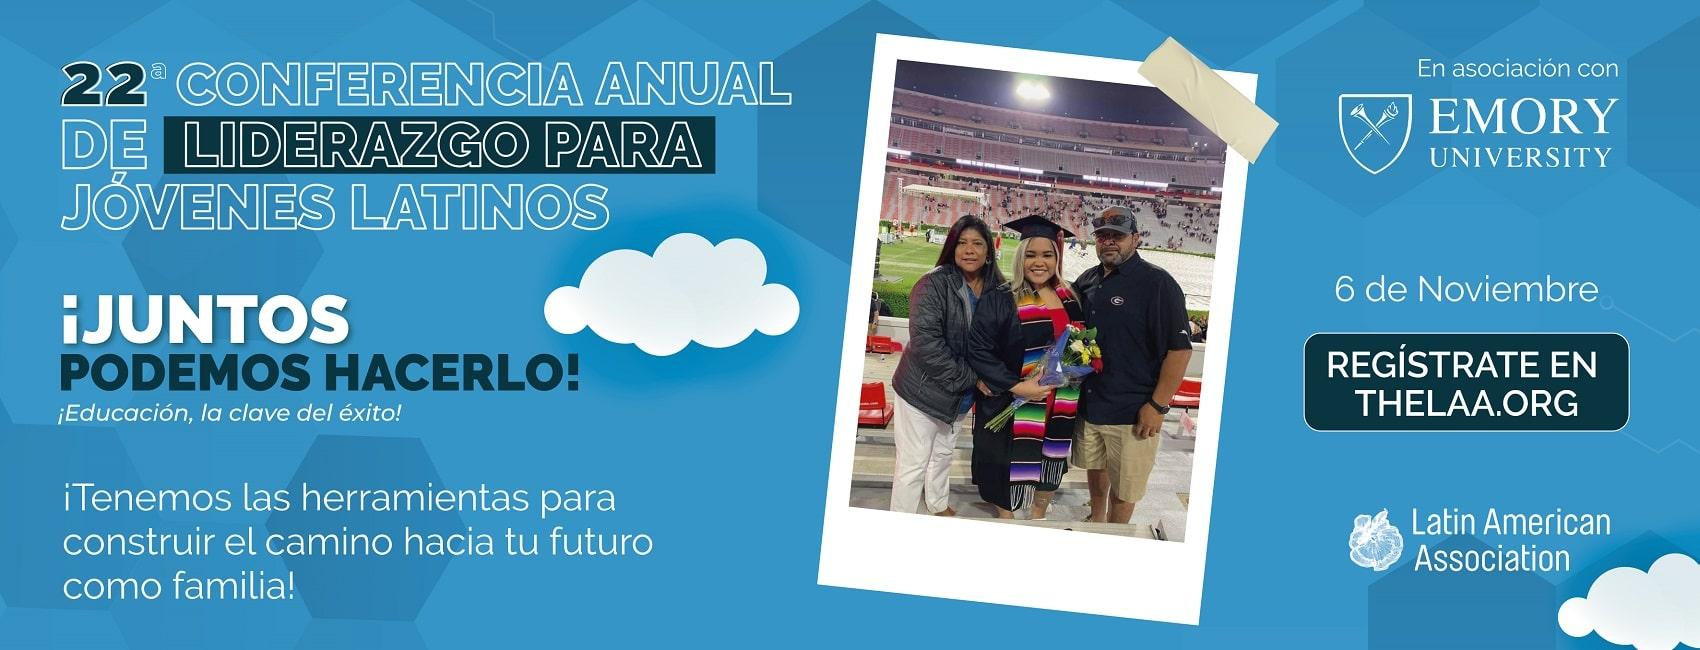 22 Conferencia anual de liderazgo para jovenes latinos